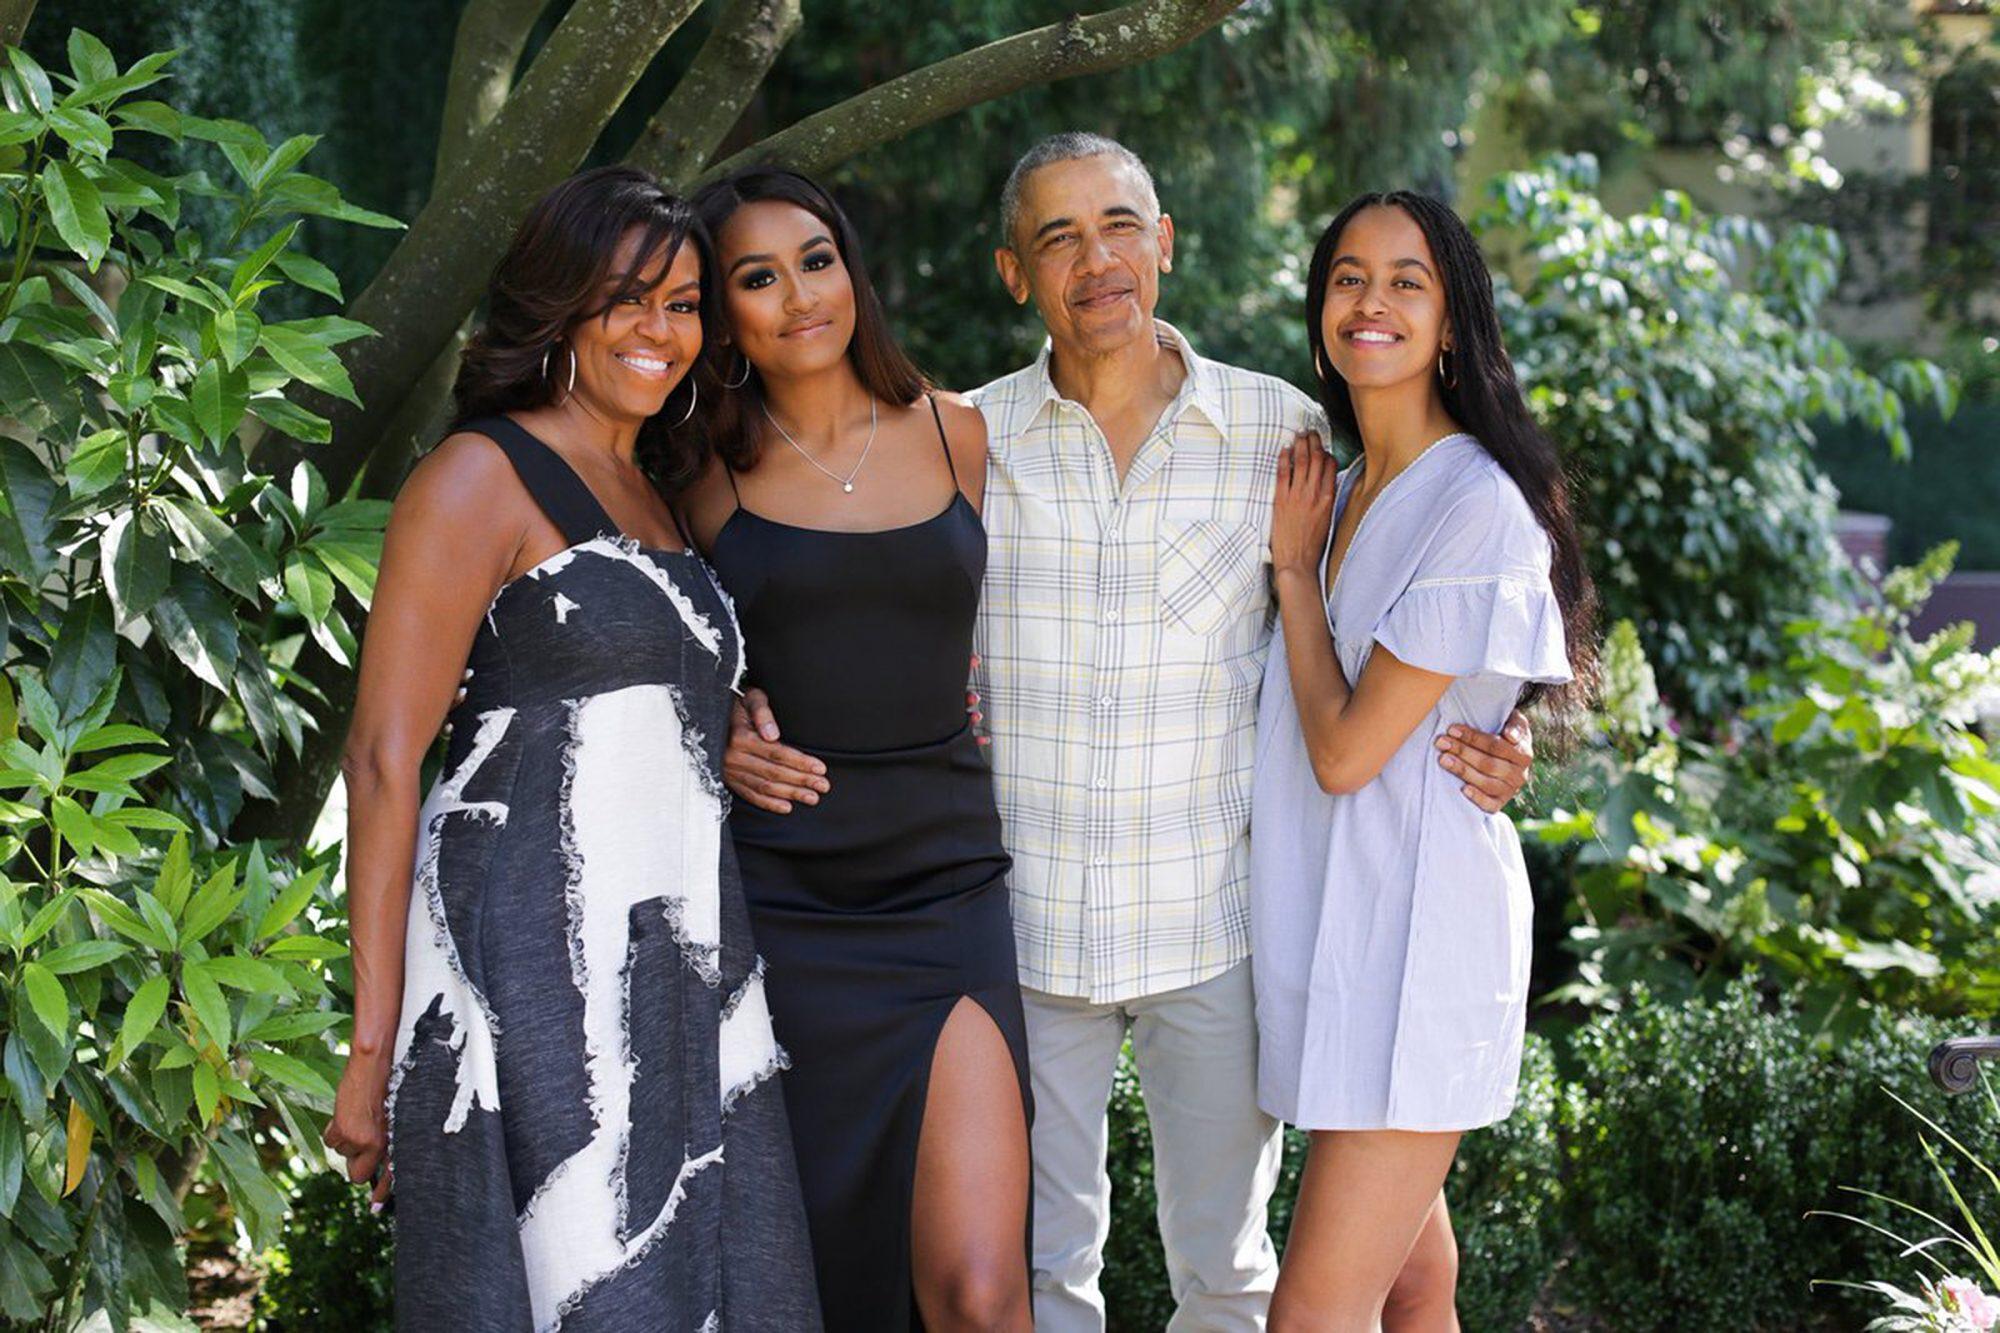 Cựu Đệ nhất phu nhân Mỹ Michelle Obama đưa ra lời khuyên về hôn nhân  - Ảnh 1